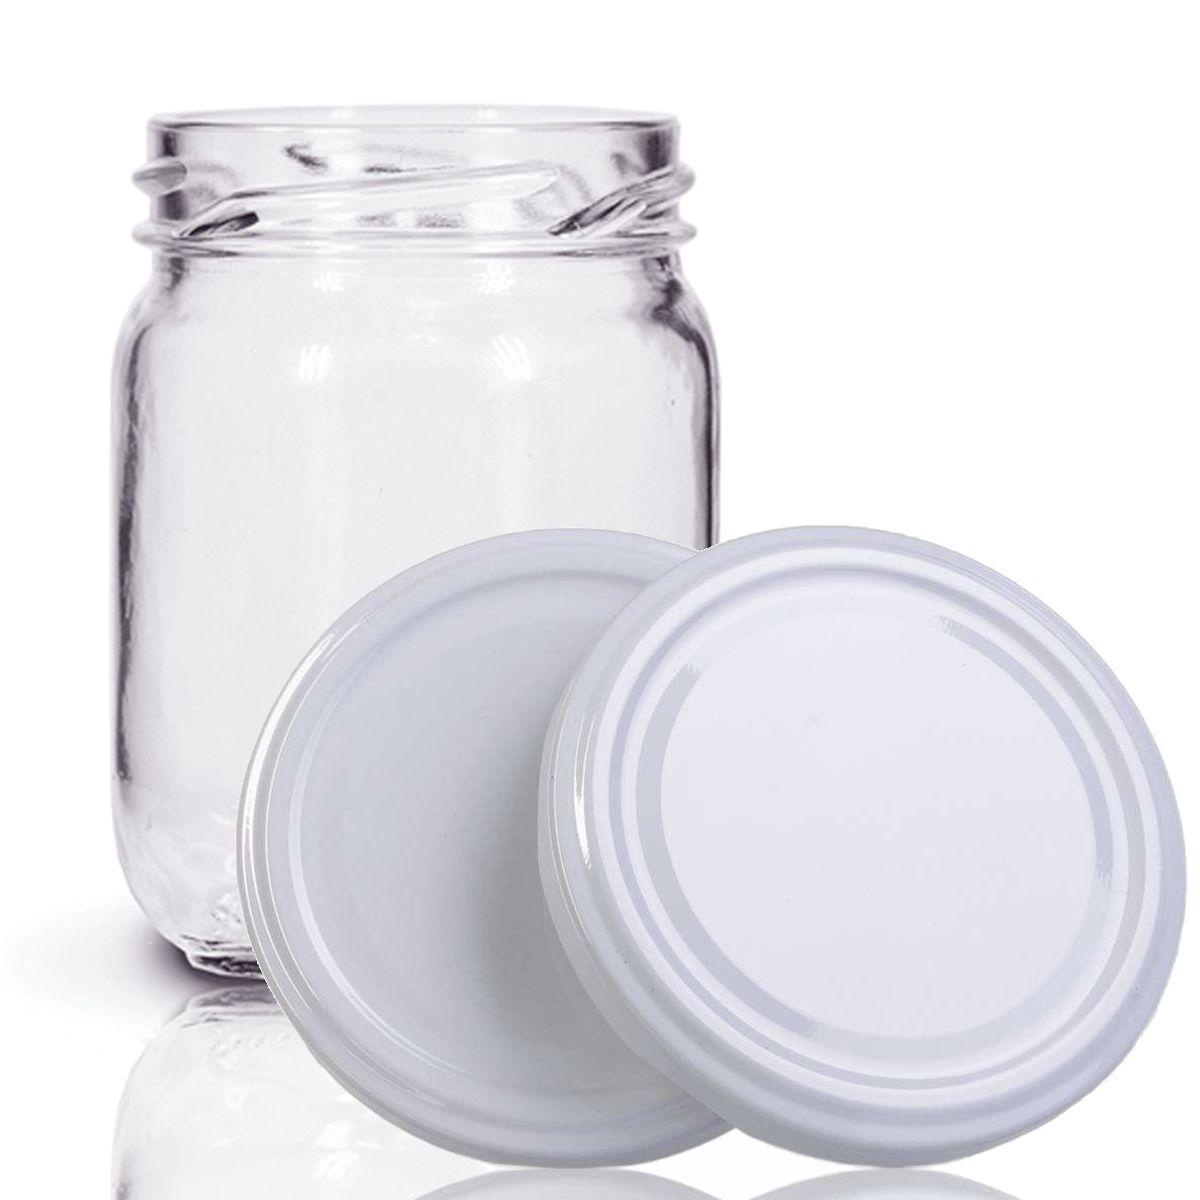 24 Potes De Vidro Conserva 200 Ml Com Tampa Branca + Lacre  - EMPÓRIO PACK